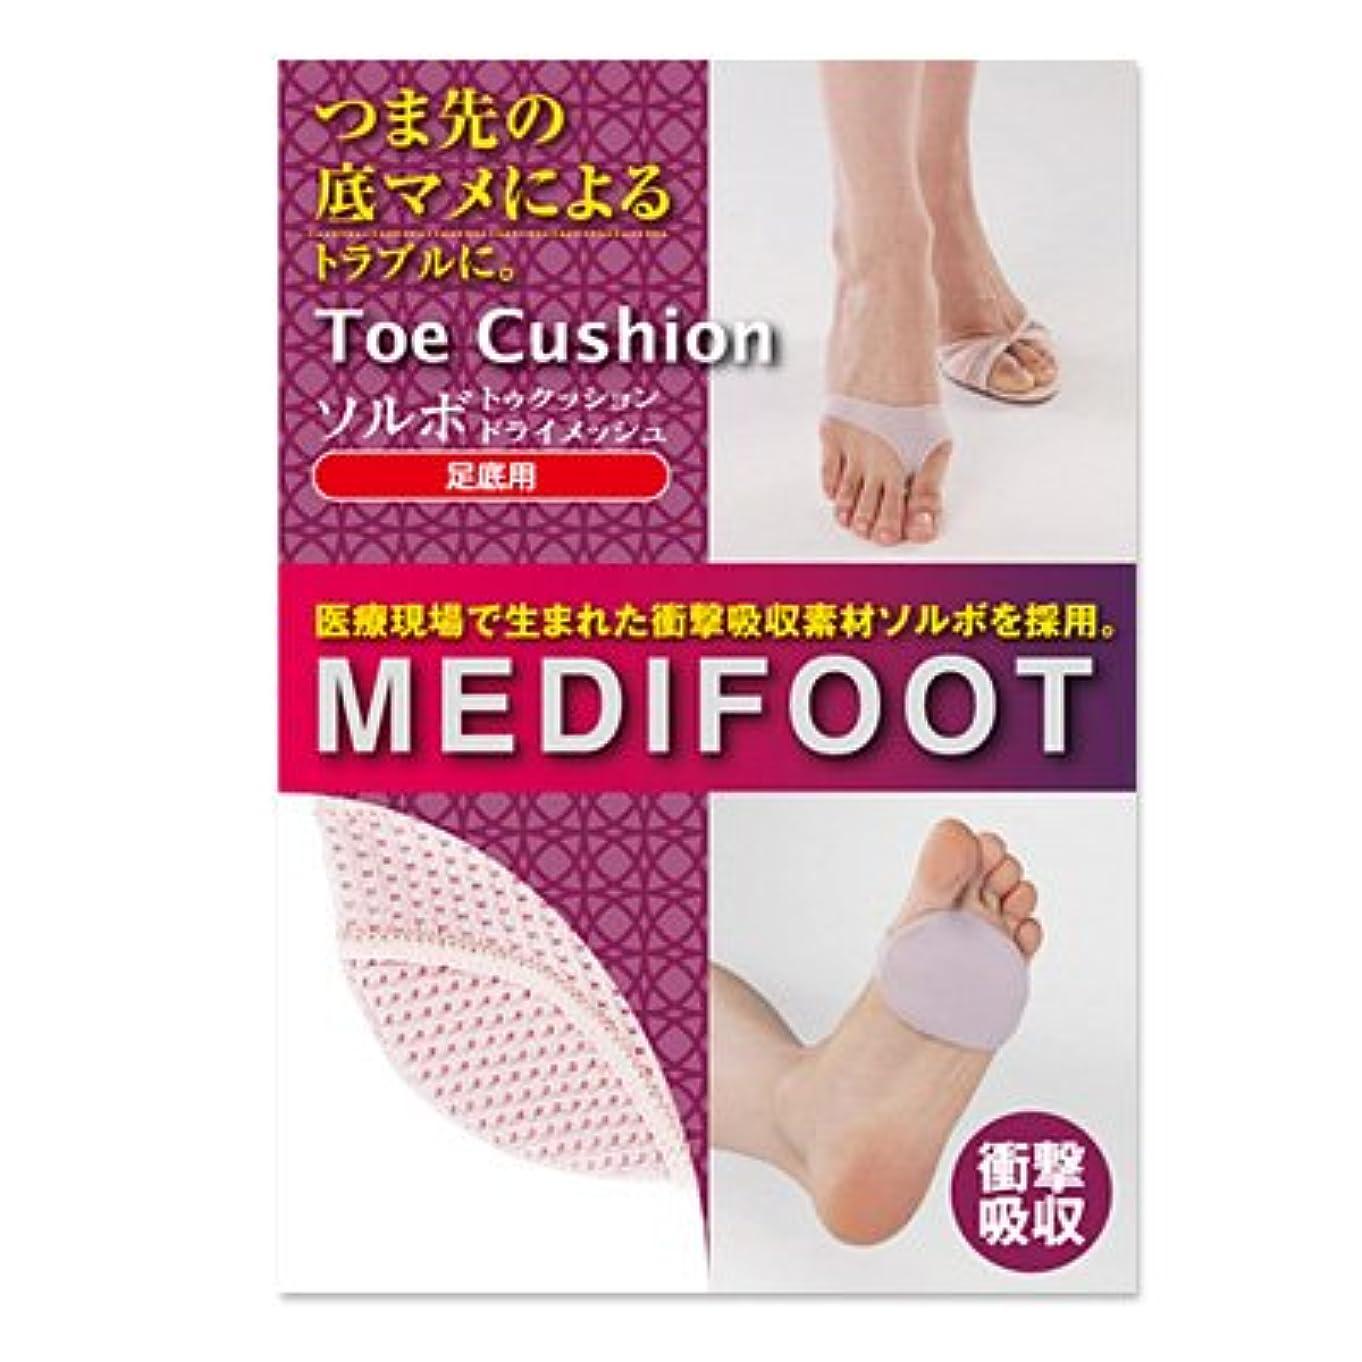 鑑定解釈的反毒ソルボ トゥクッション ドライメッシュ 足底用[女性フリーサイズ(22-25cm)]63053